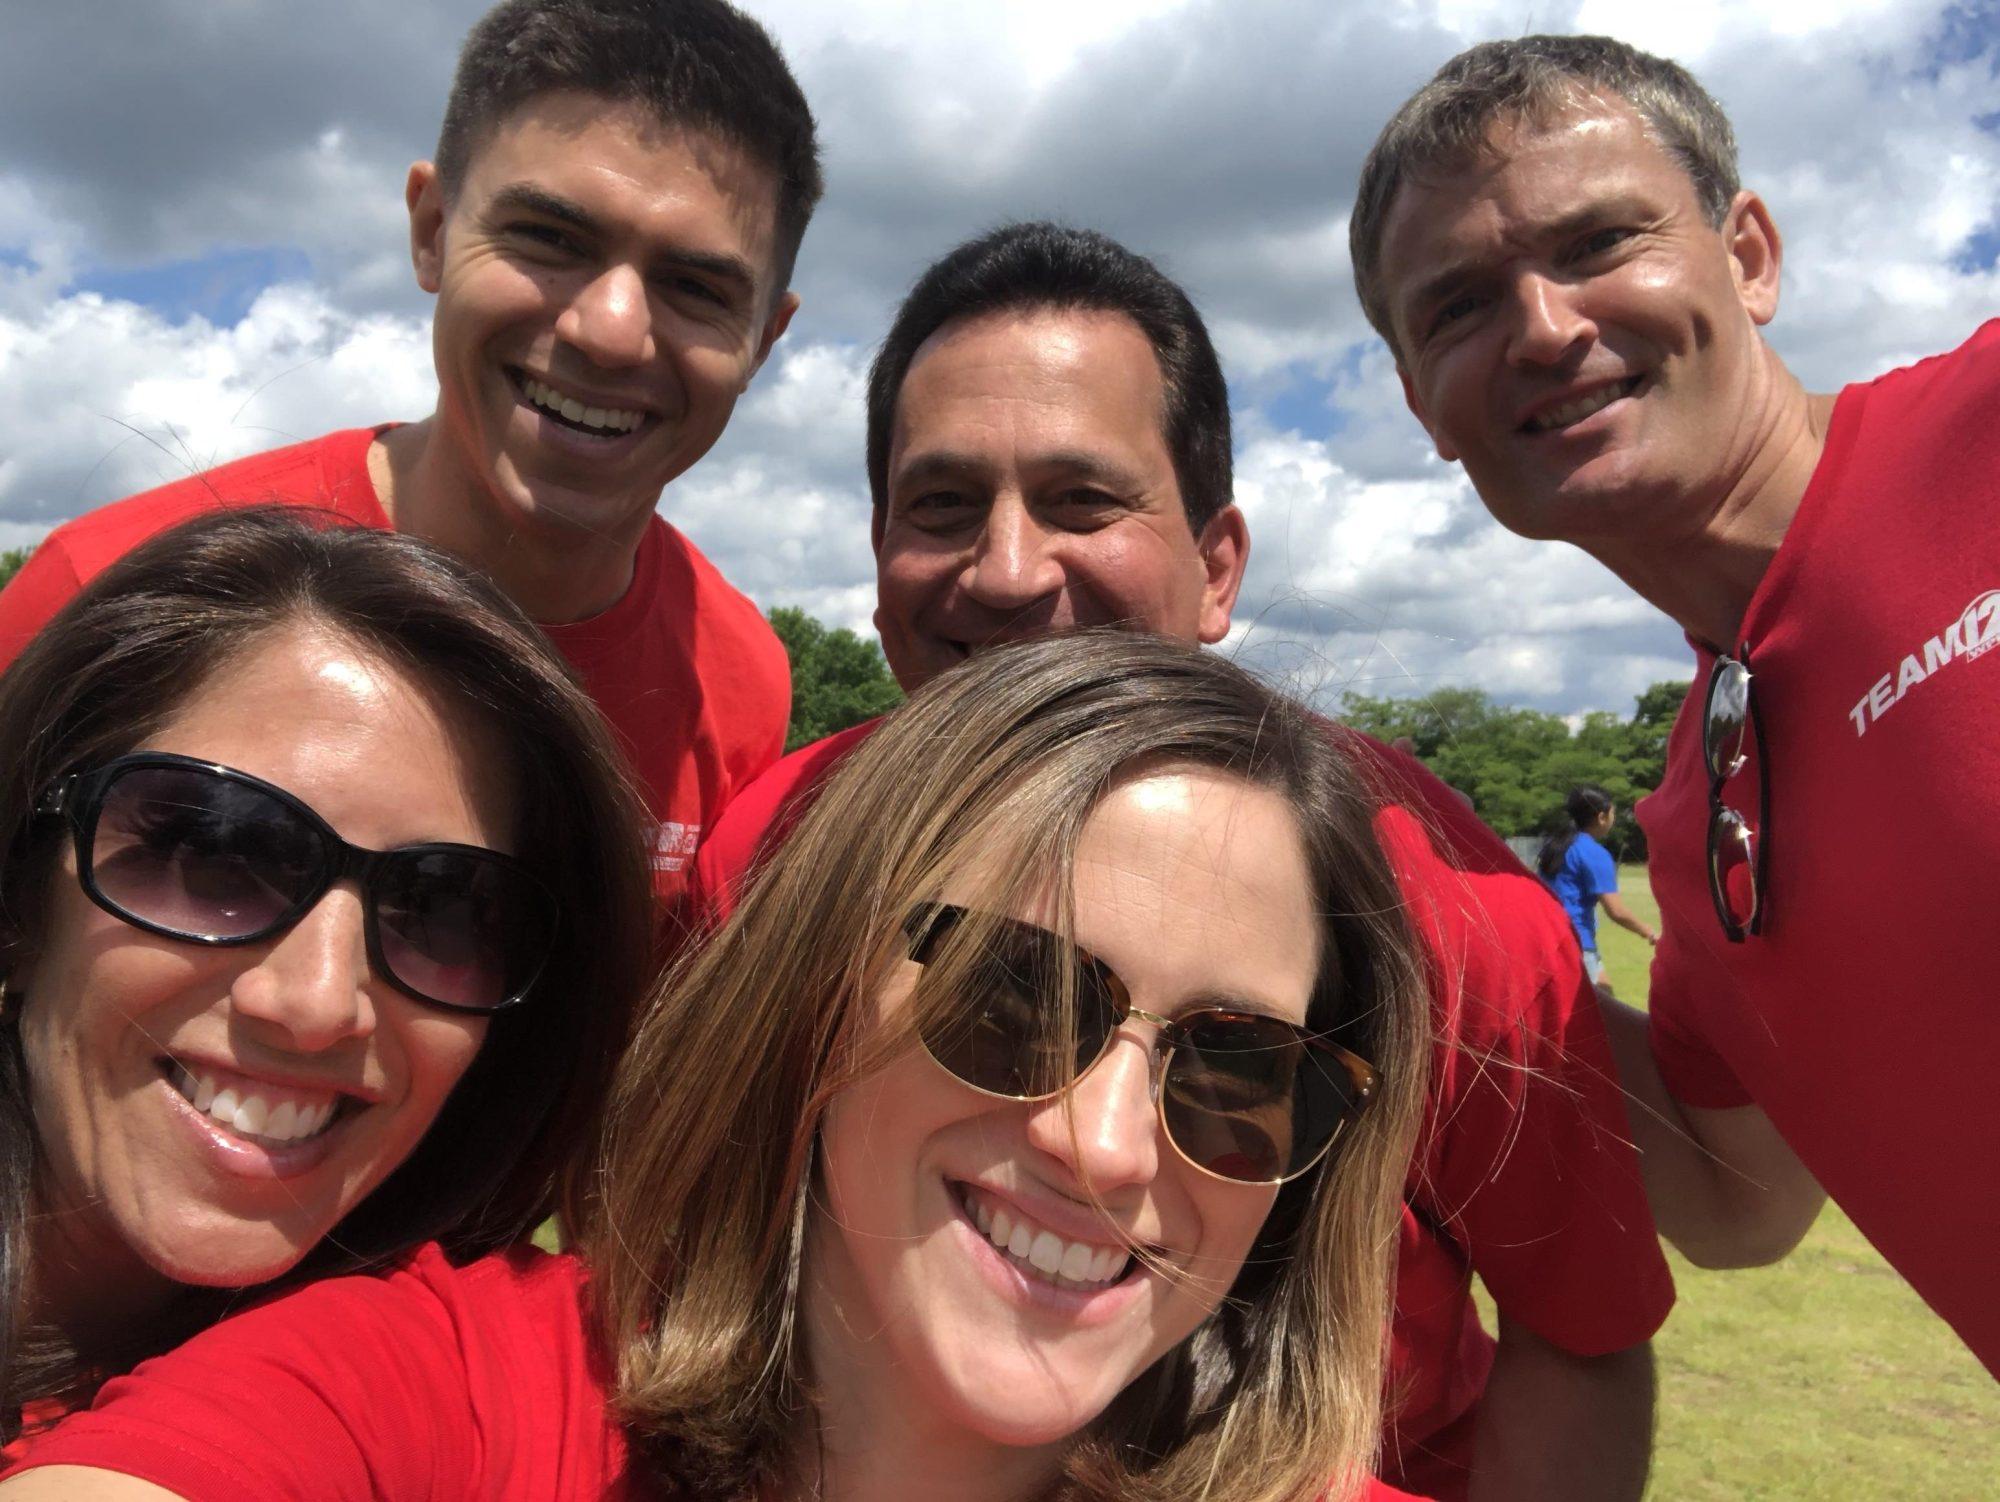 WPRI 12 Selfie at Veazie St Field Day